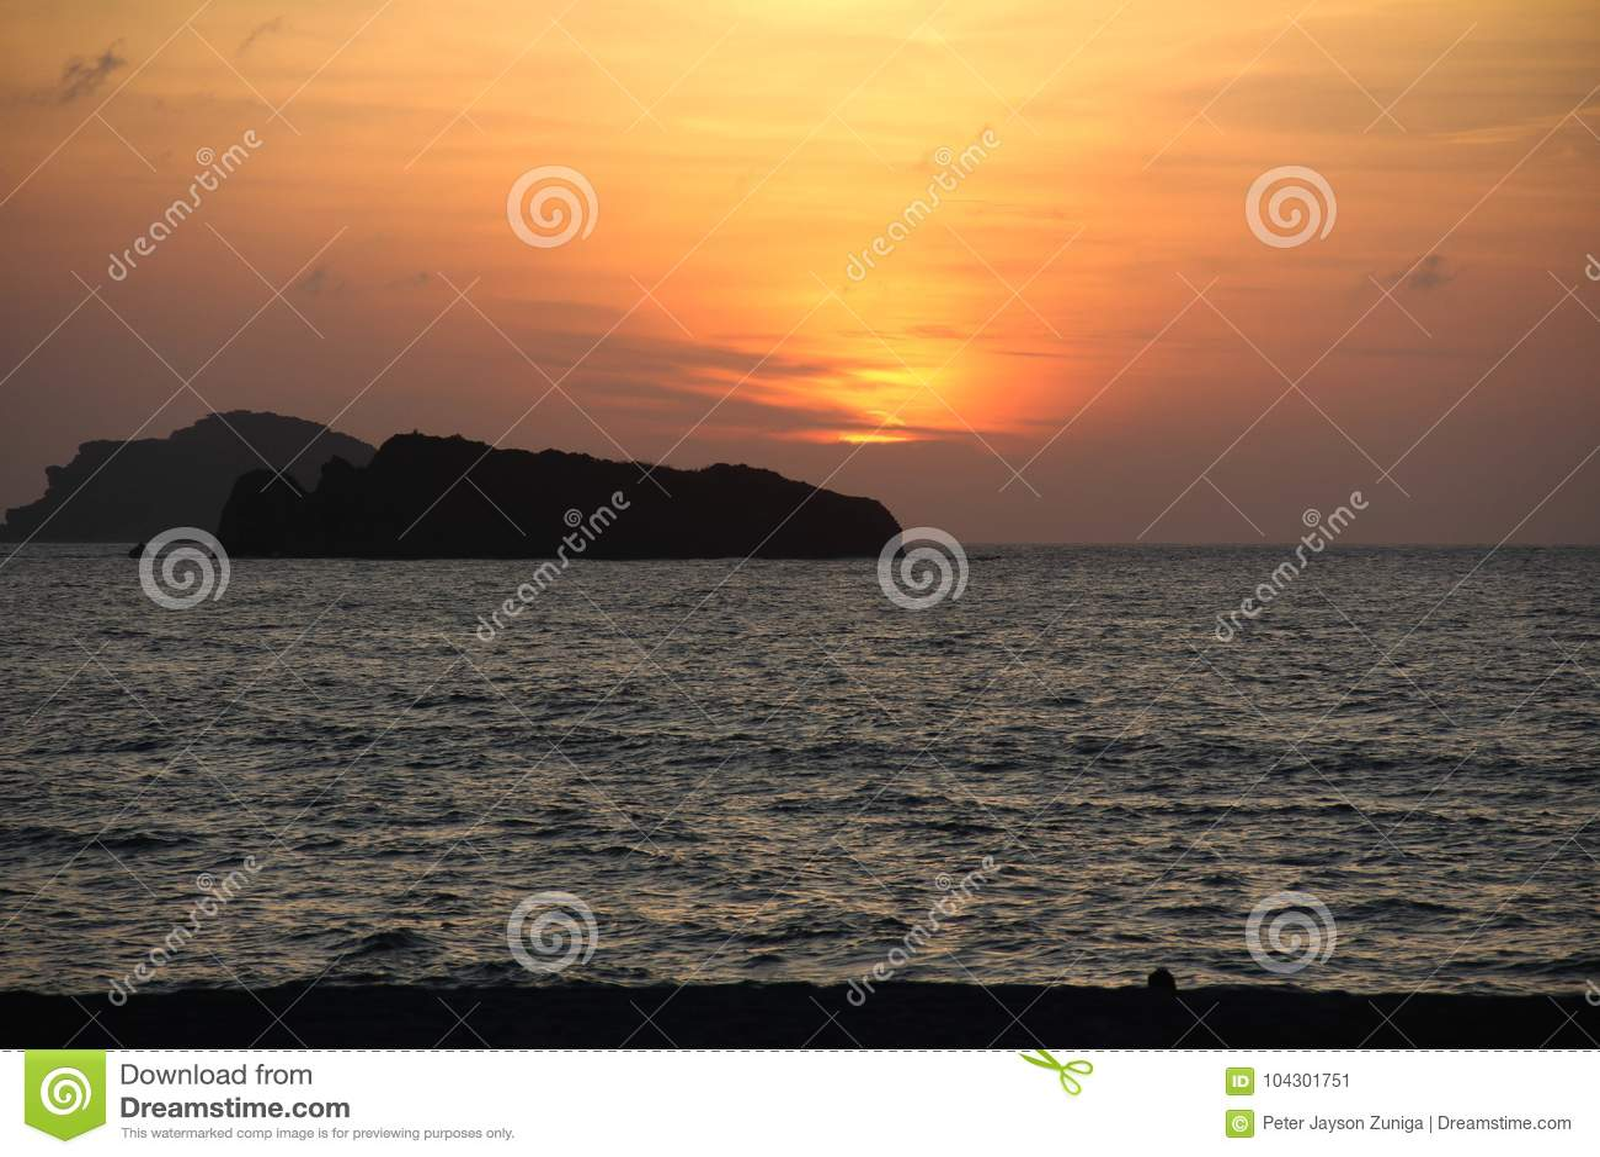 Philippine Resort Sunset Stock Image Image Of Beach 104301751